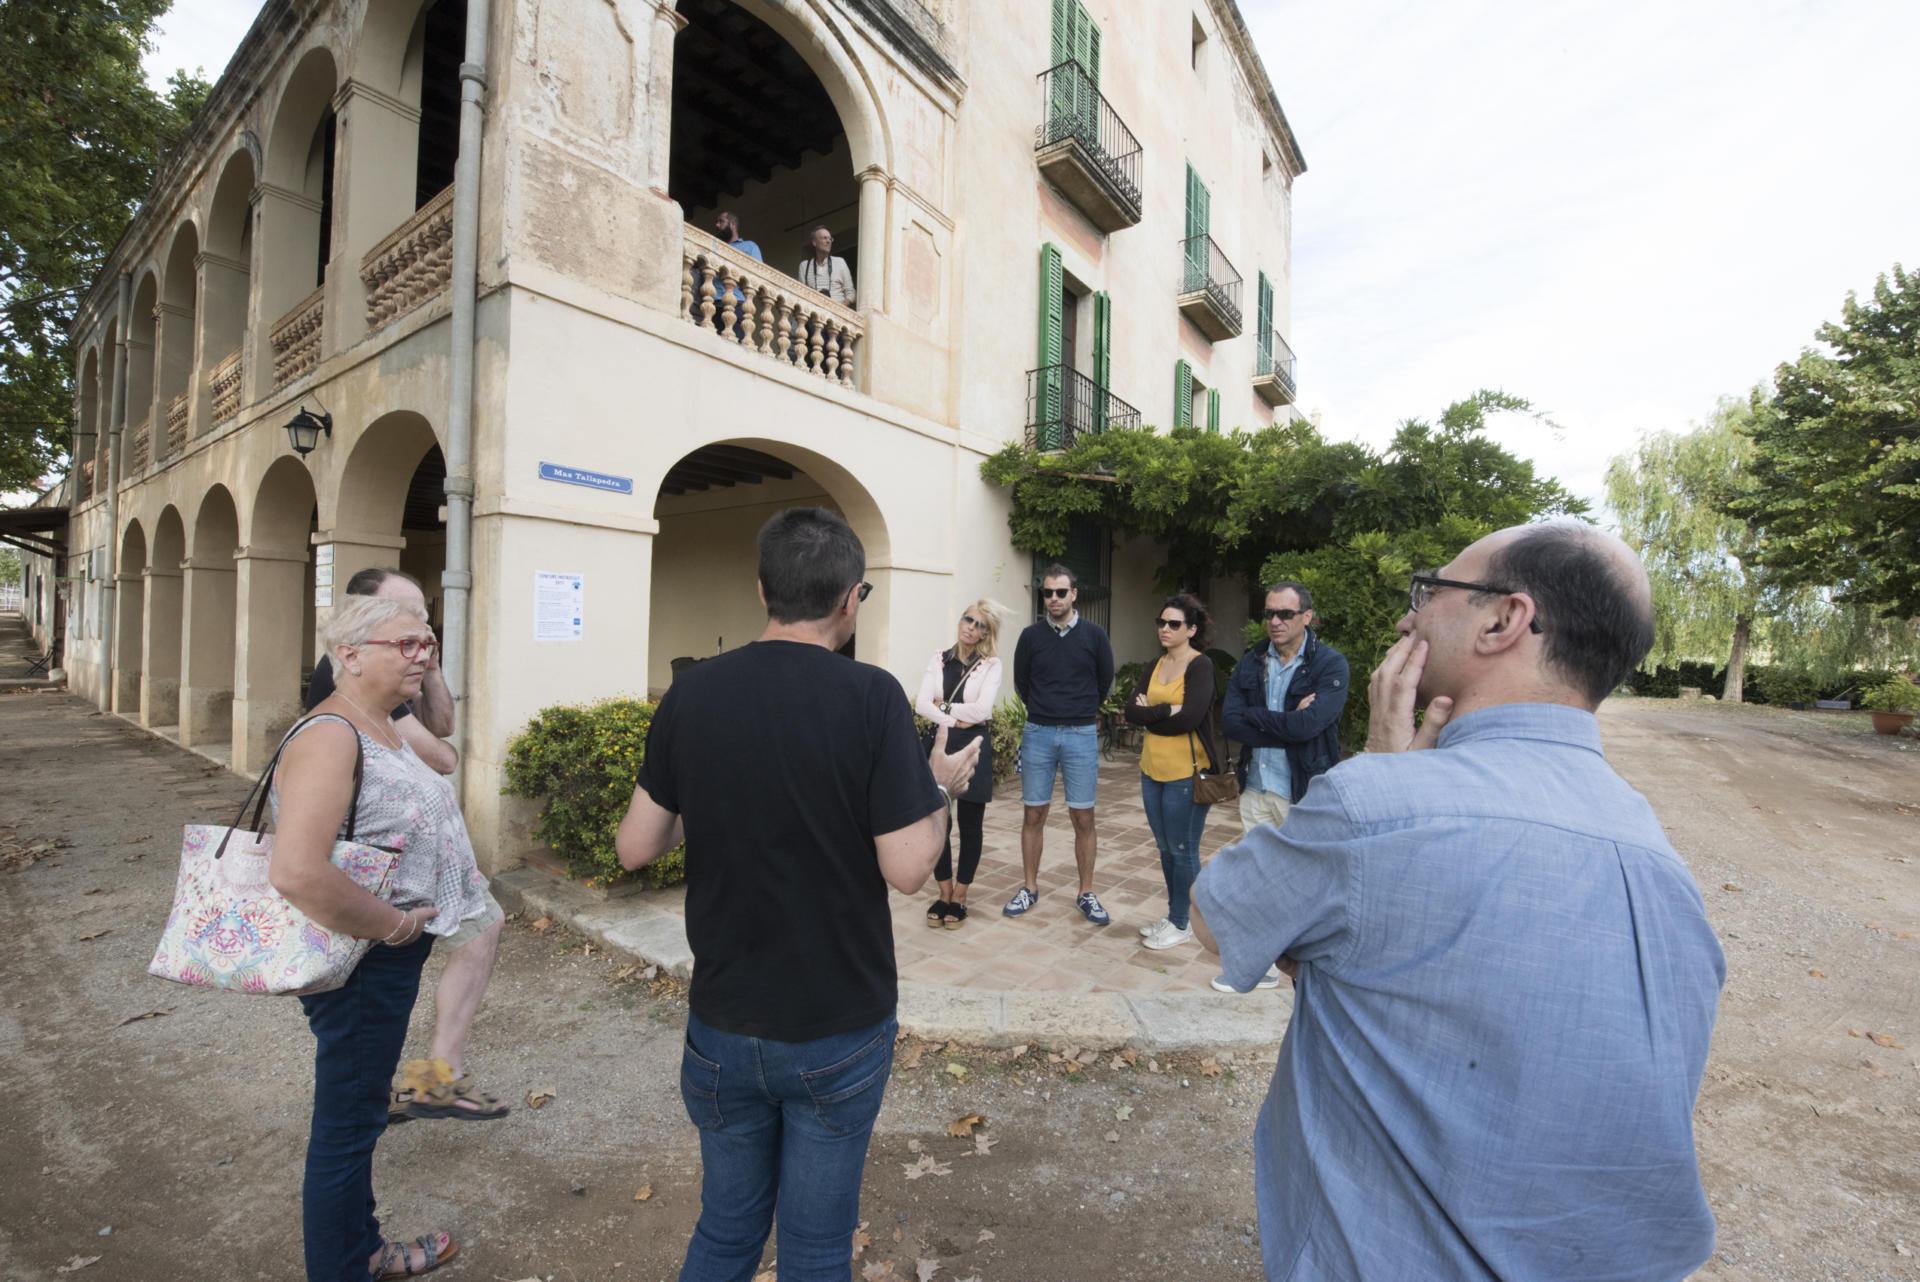 Visitants al Mas Tallapedra, històric mas de la ciutat de Reus. Font: Espais Ocults.